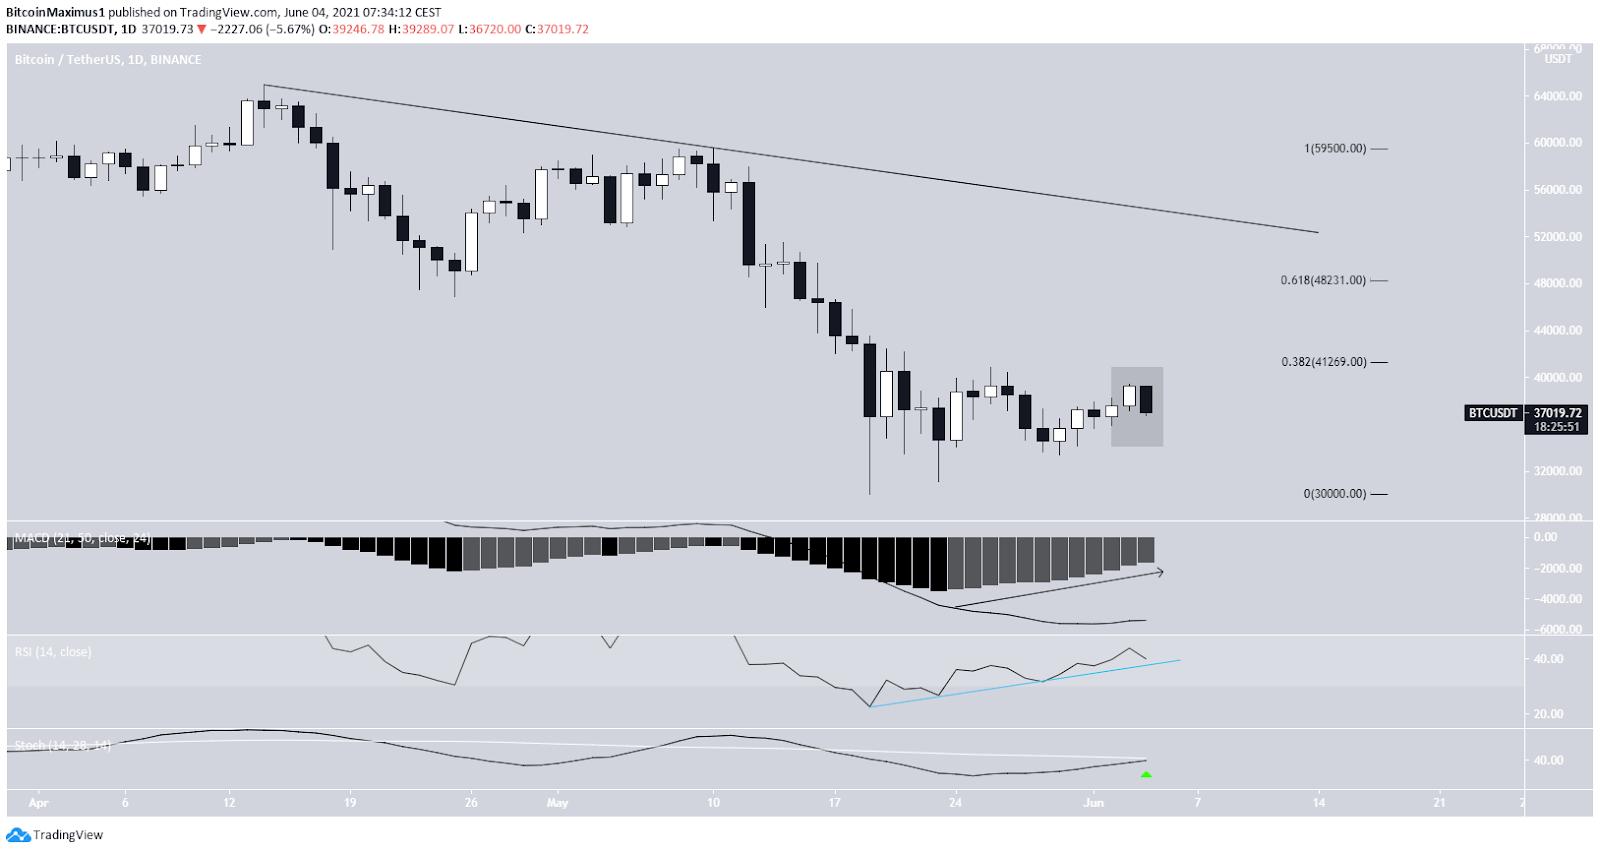 Bitcoin Preis Kurs Tageschart BTC Tradingview